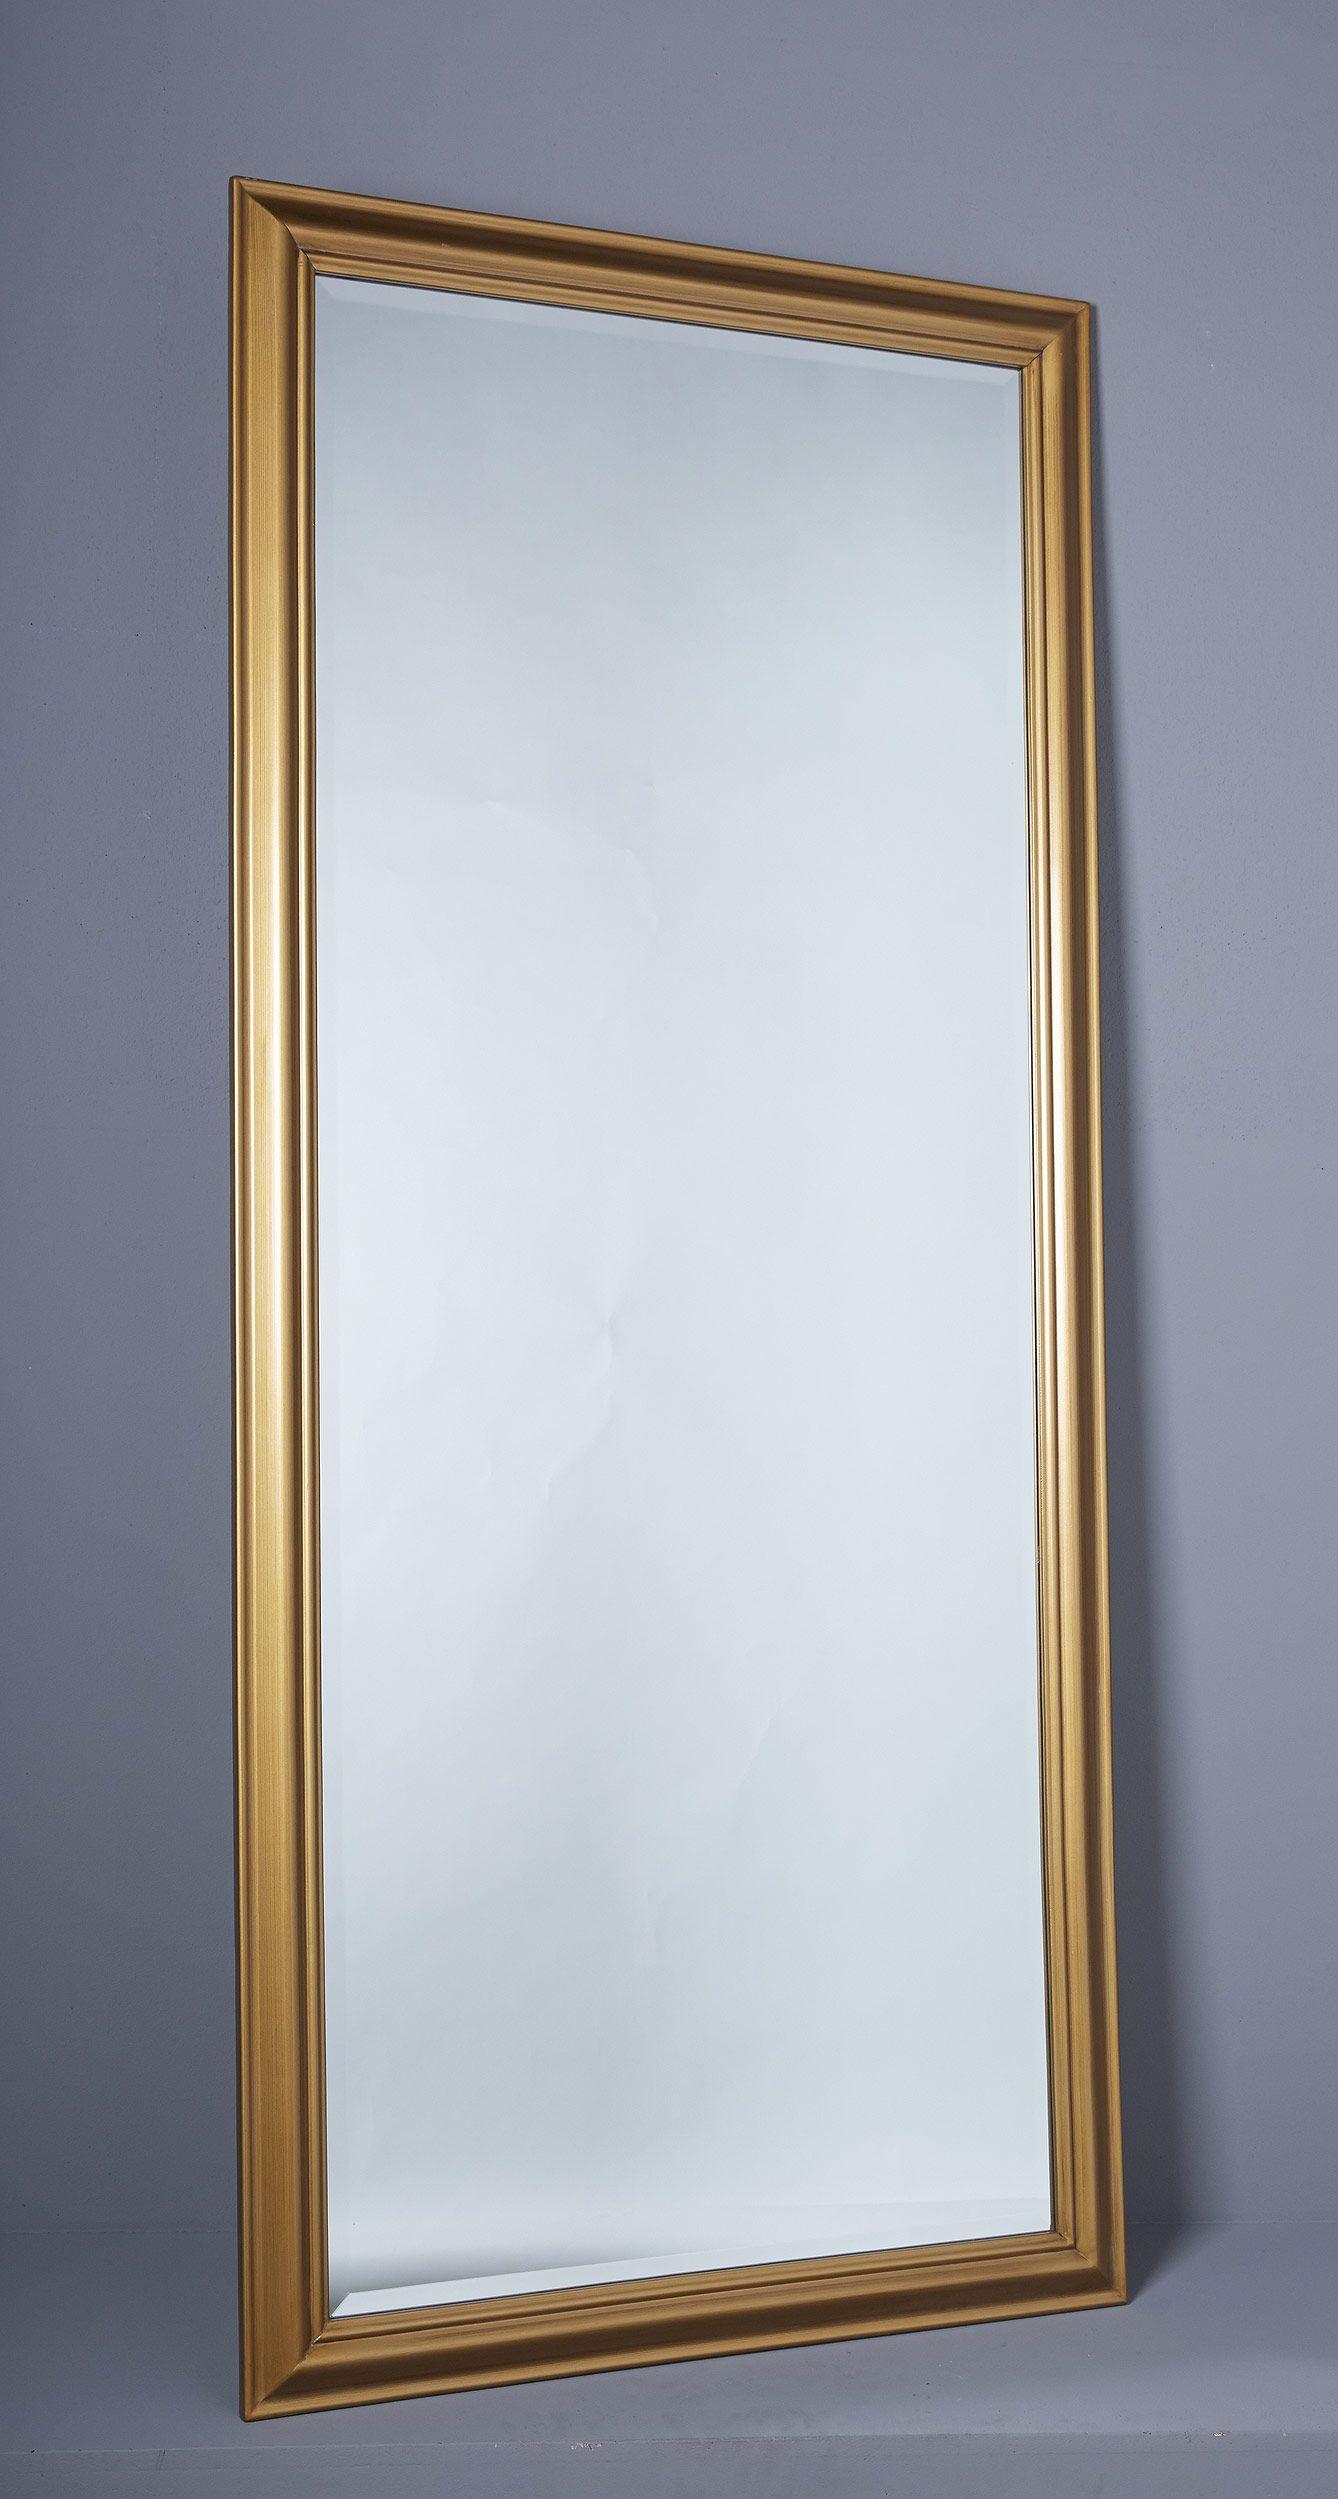 Wandspiegel Spiegel Ca 180 X 80 Cm Gold Schlichter Landhaus Stil Facettenschliff Wandspiegel Spiegel Wand